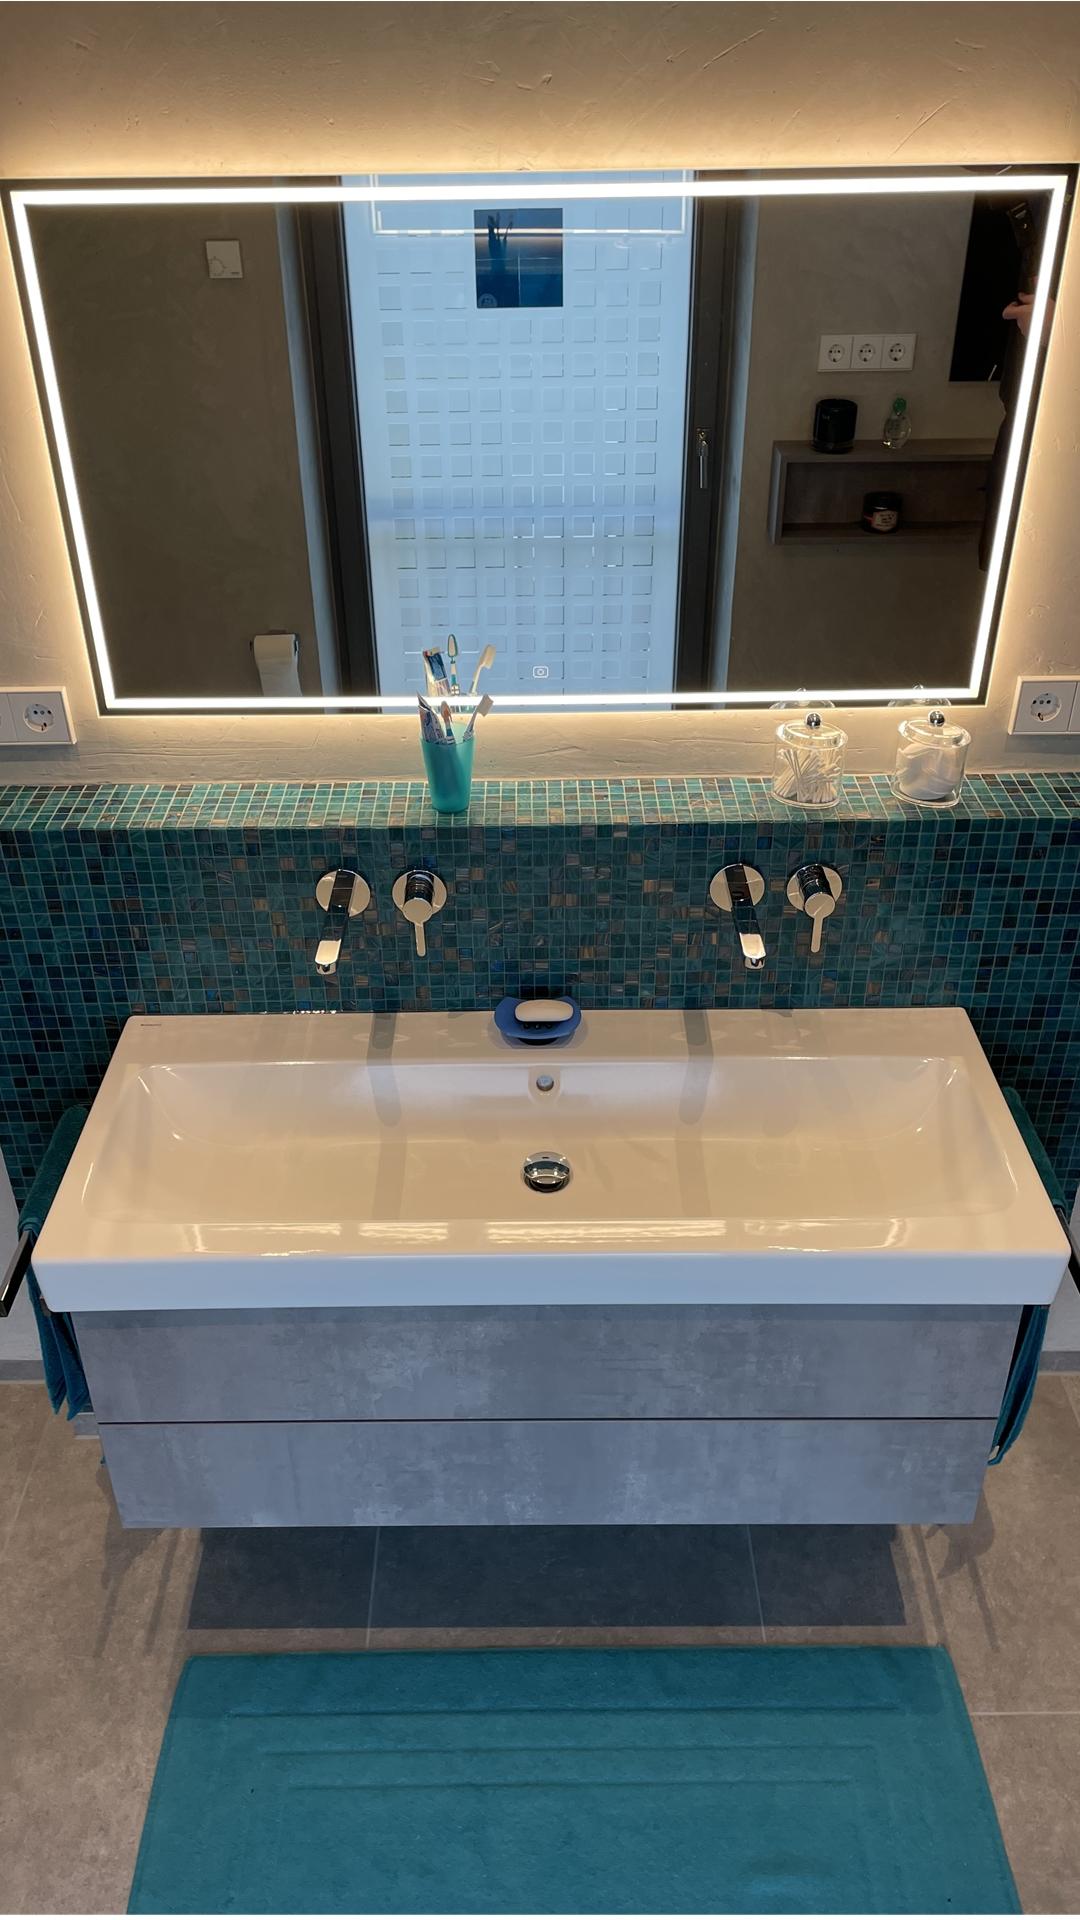 Waschtischanlage in einem Bad in Dorsten